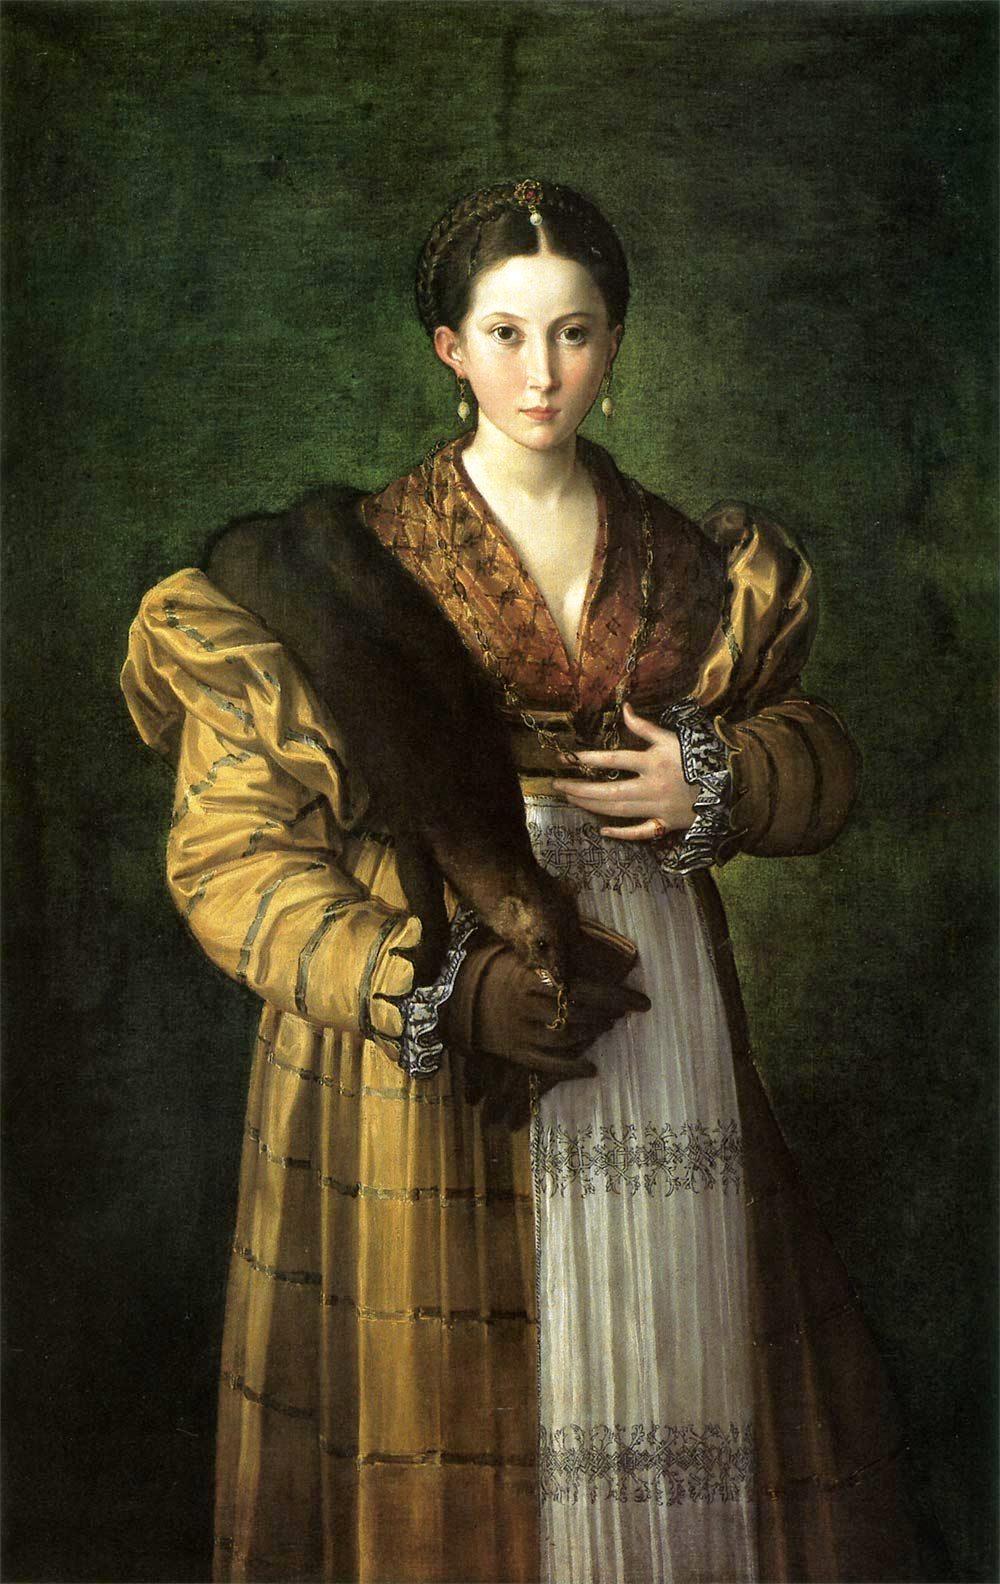 Parmigianino, Antea (1530 circa; olio su tela, 135 x 88; Napoli, Museo Nazionale di Capodimonte)